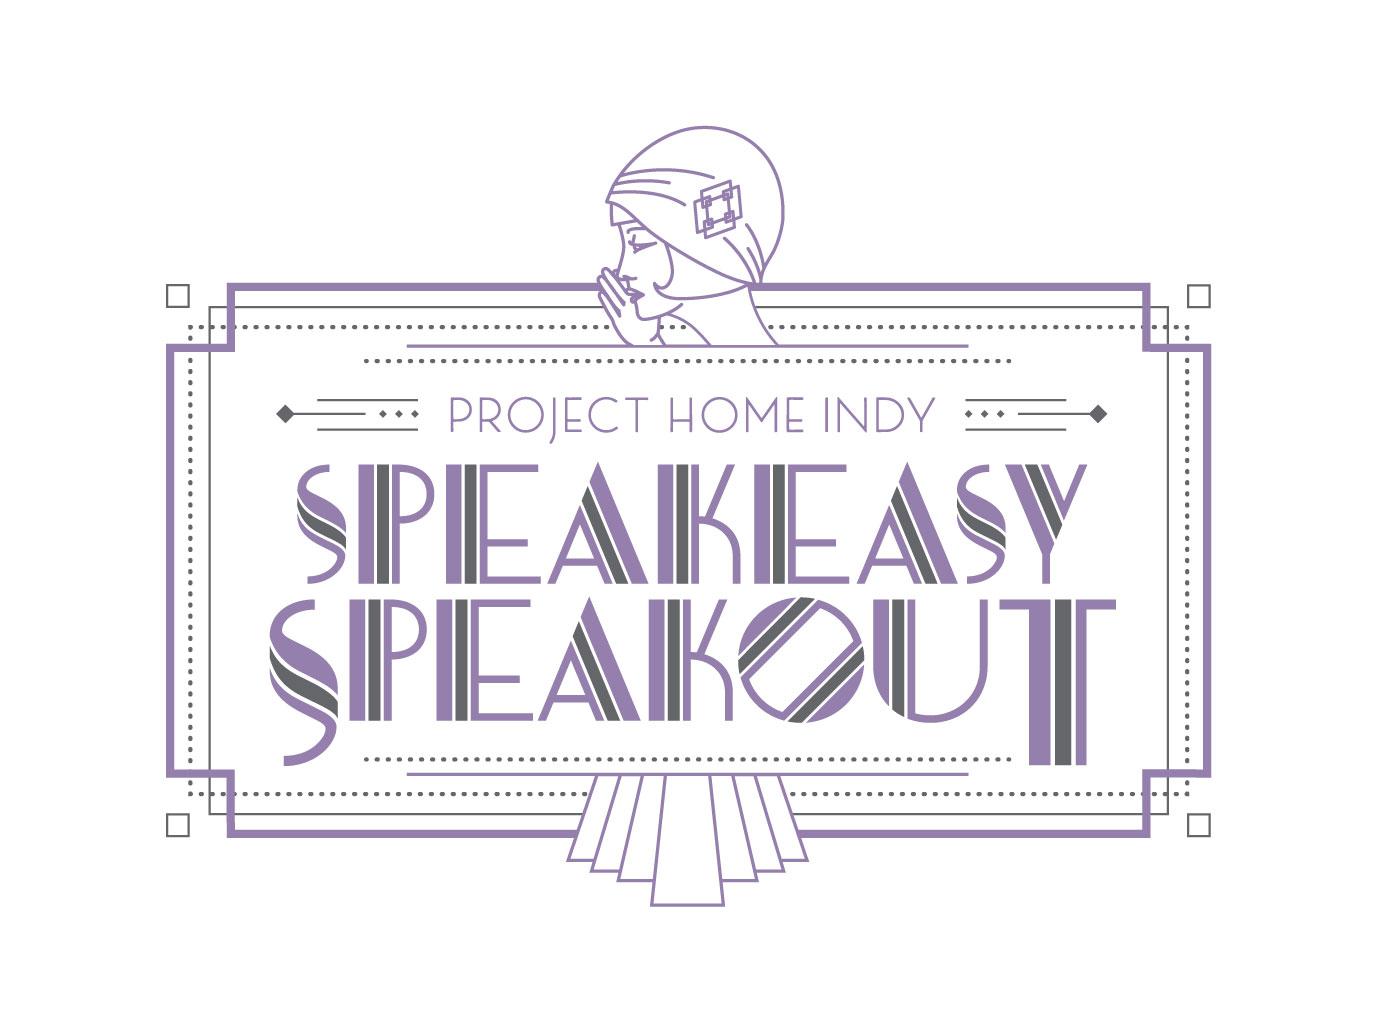 Speakeasy Speakout logo